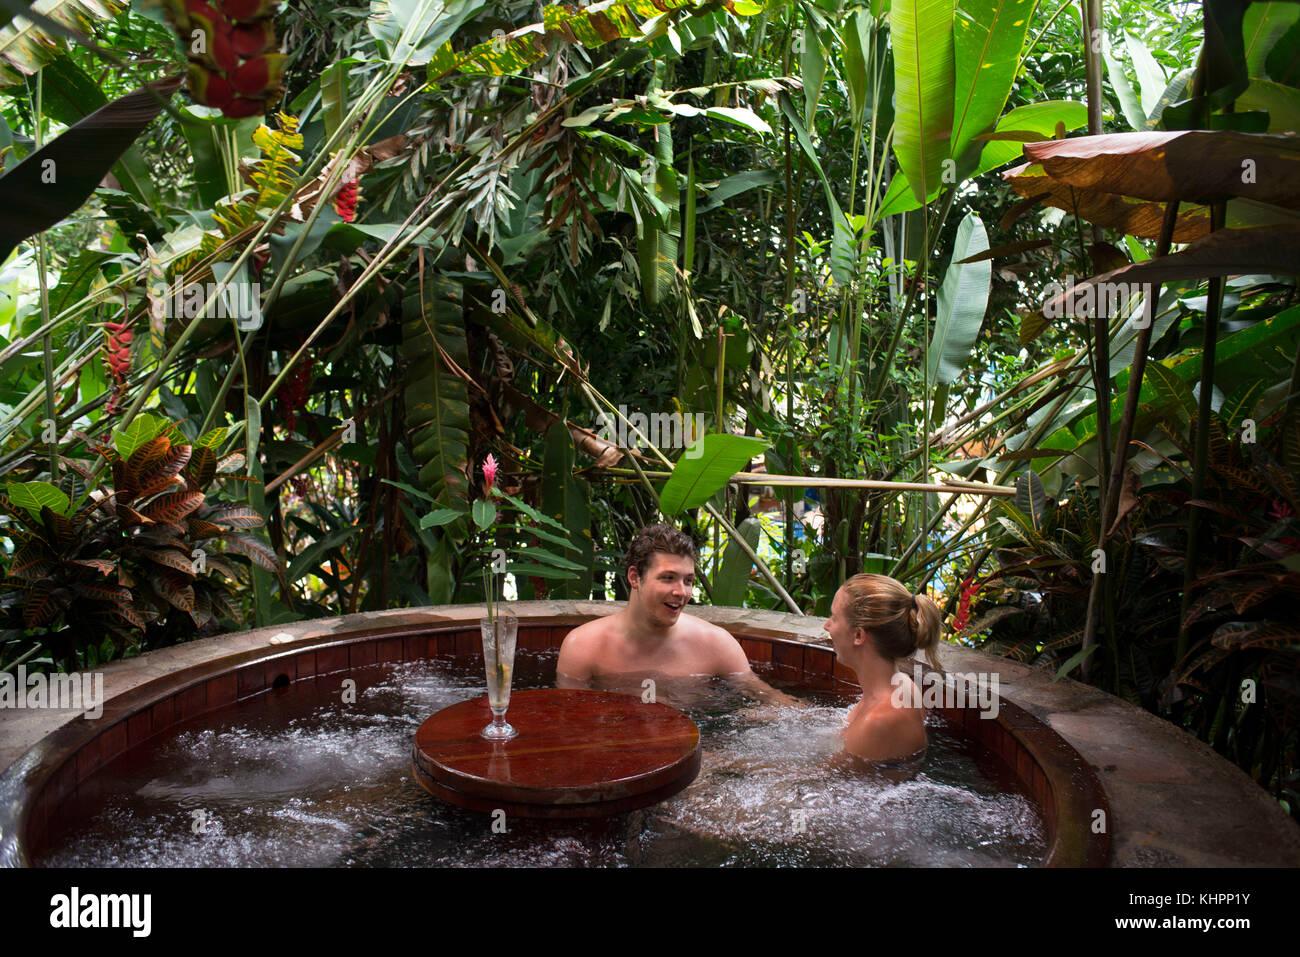 Nayara Hotel, Spa U0026 Gardens, Oeste De Fortuna, La Fortuna De San Carlos,  Arenal Volcano National Park, Costa Rica